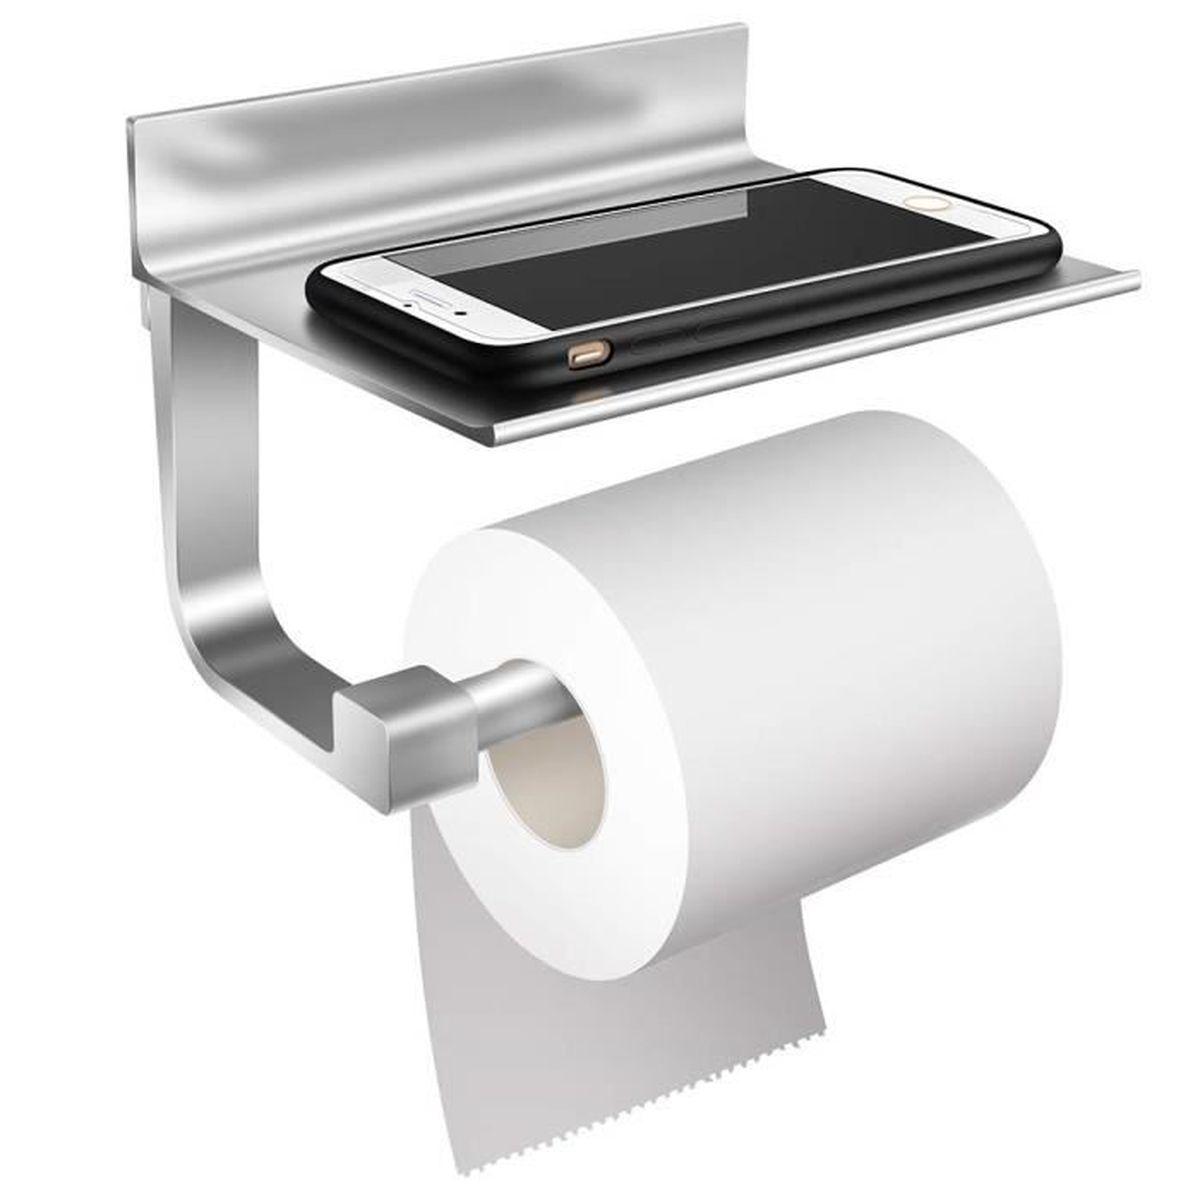 Rangement De Papier Toilette superlove® porte-papier toilette mural support-tissus